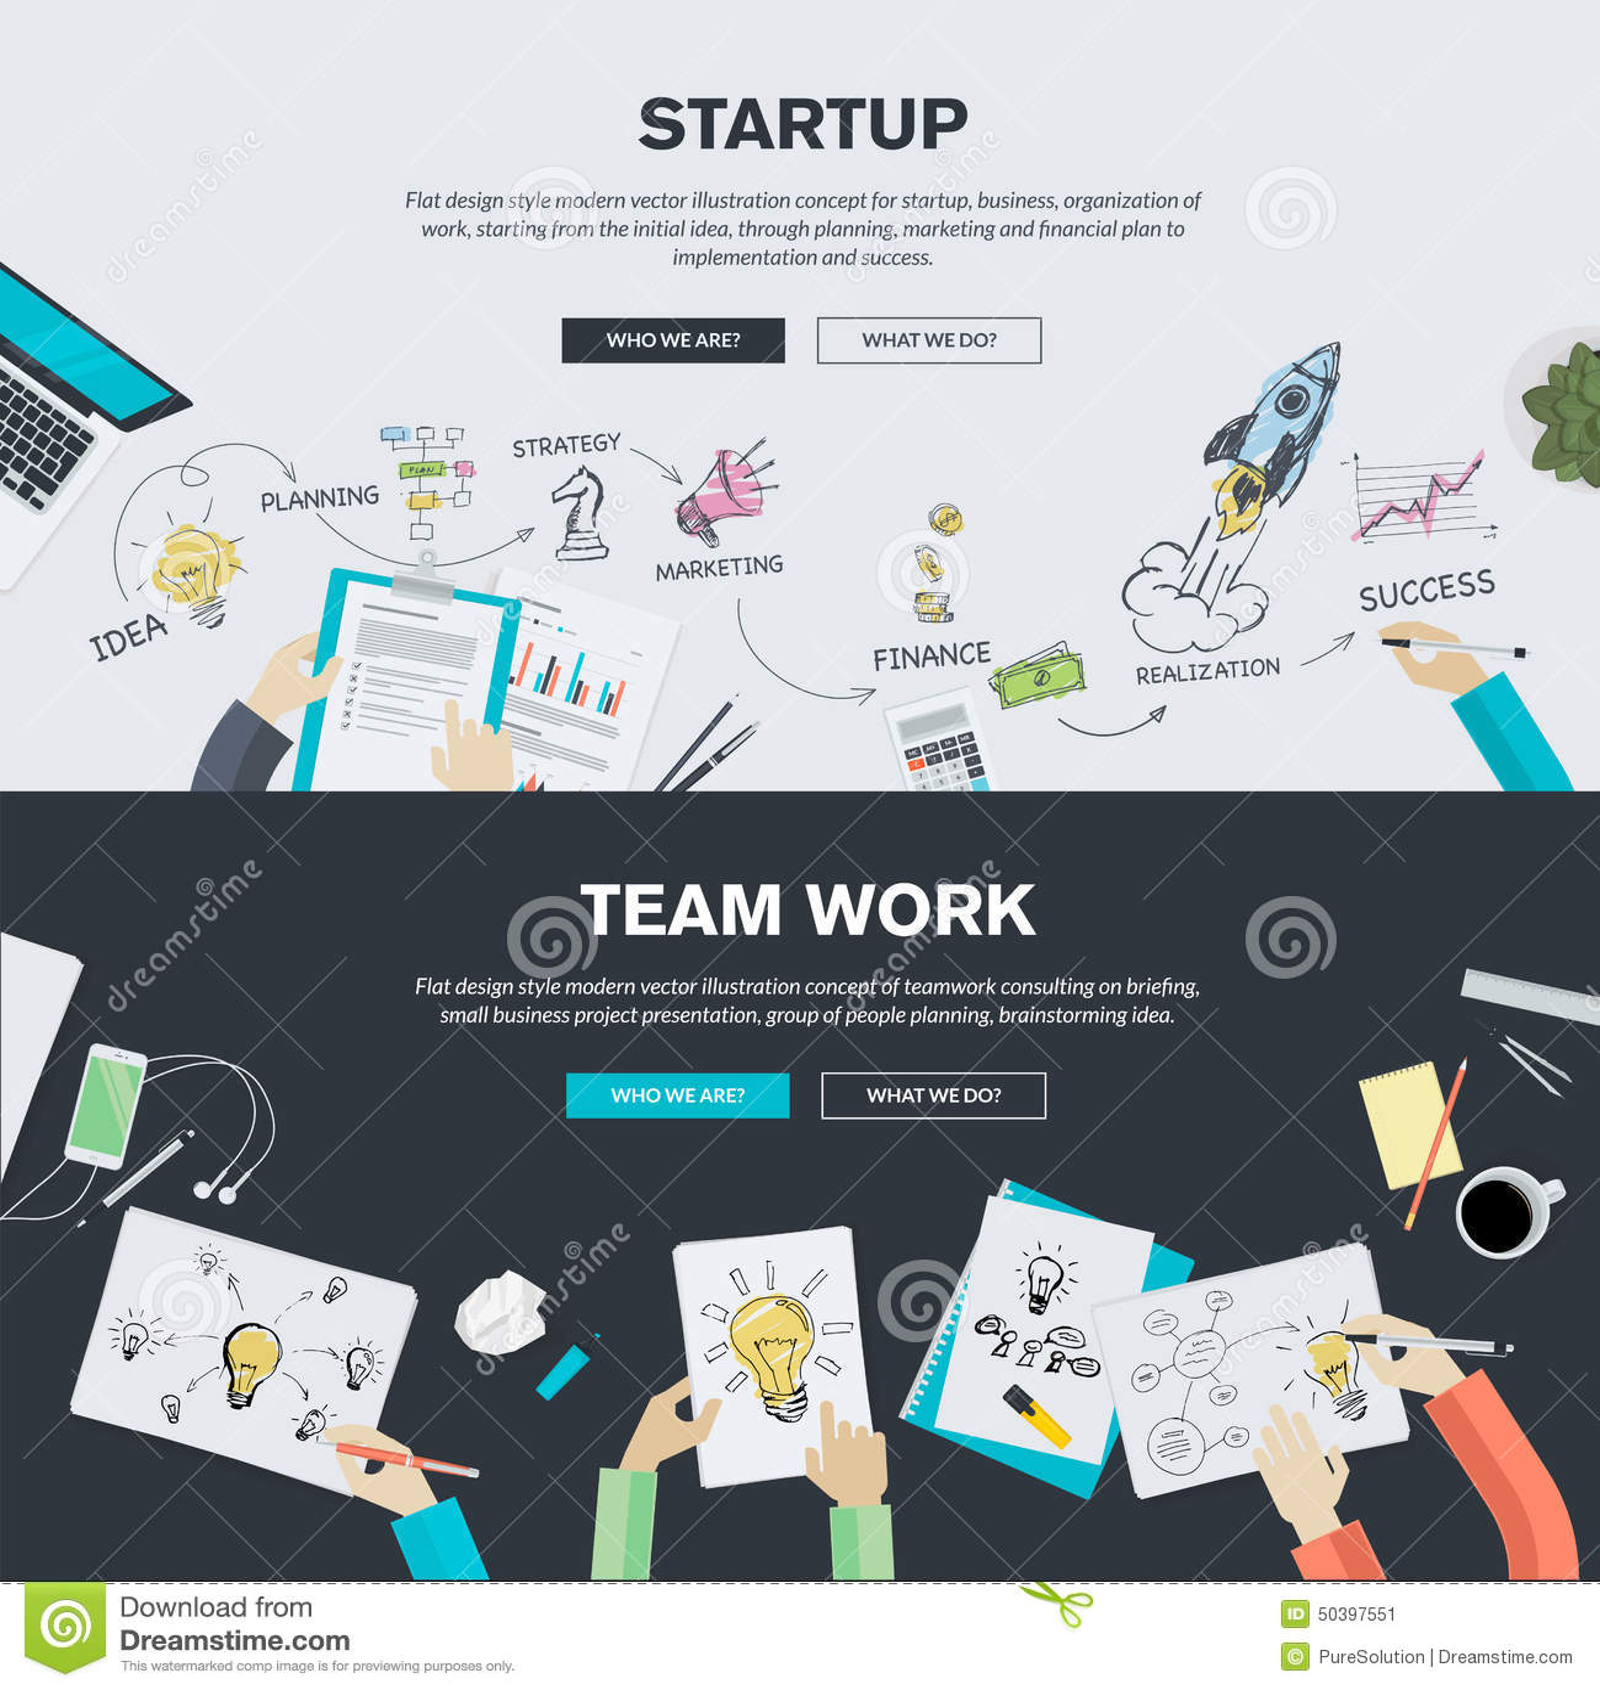 Los conceptos planos del ejemplo del diseño para la puesta en marcha del negocio y el equipo trabajan